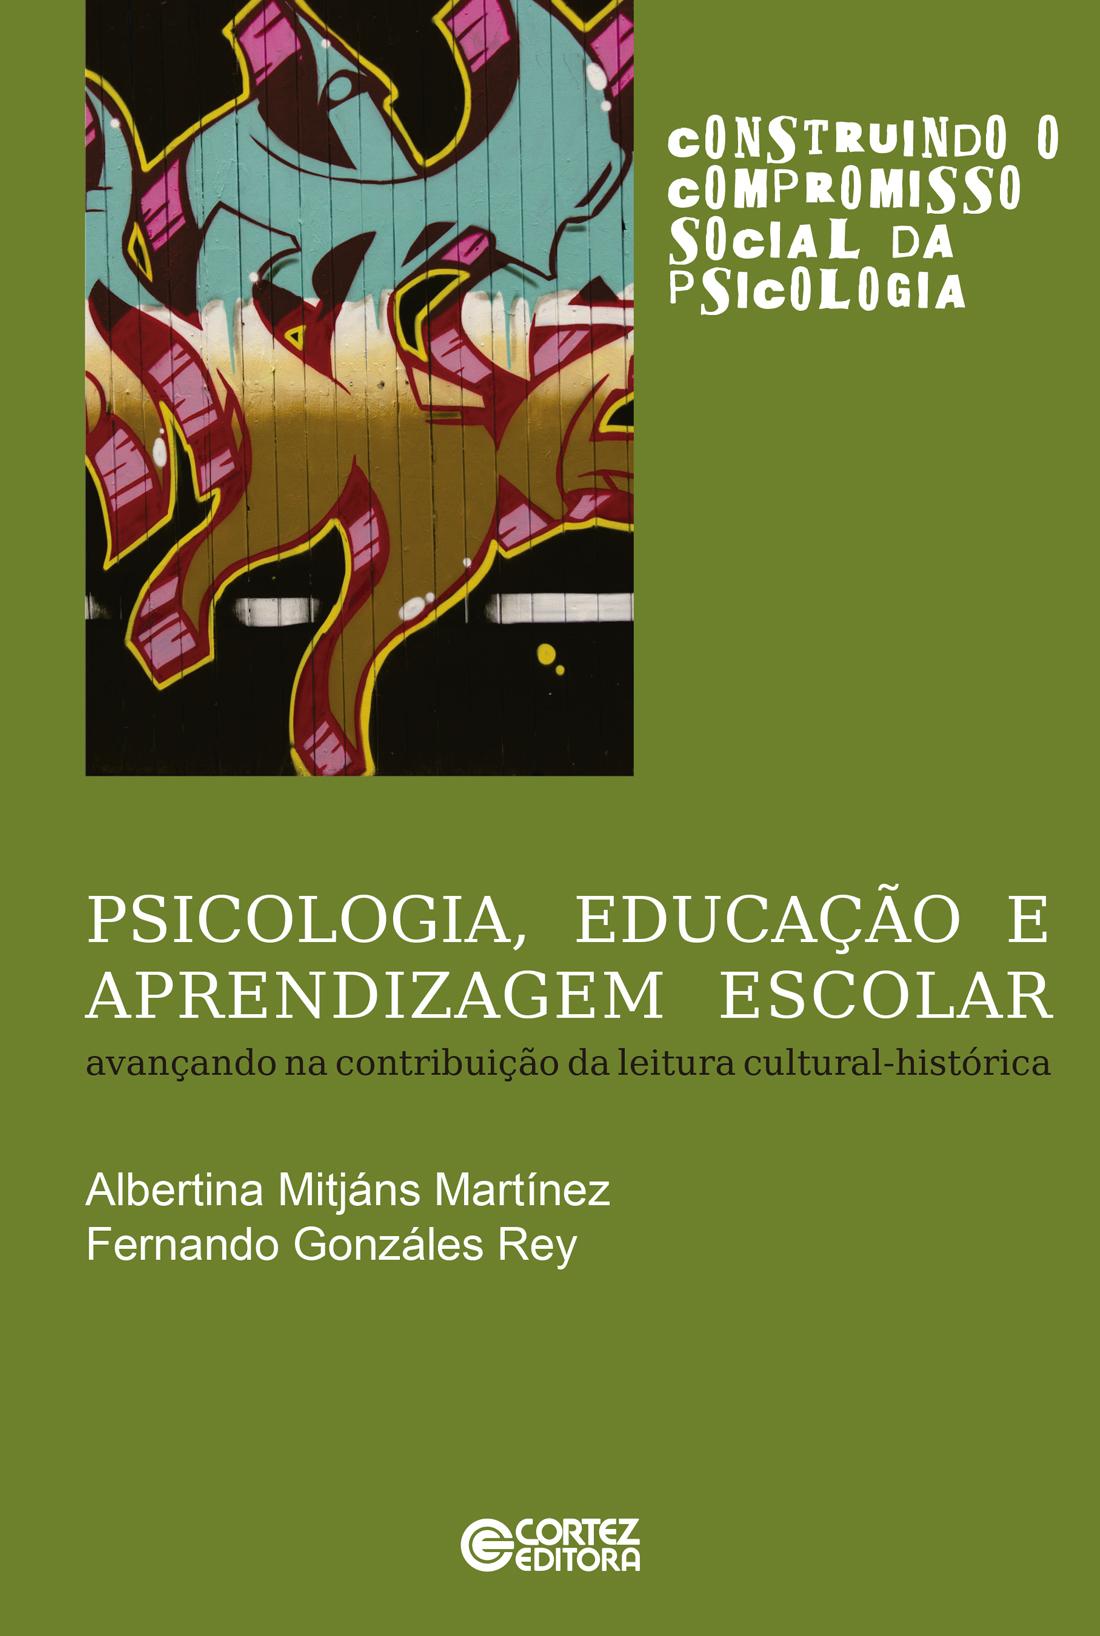 Psicologia, educação e aprendizagem escolar, livro de Albertina Mitjáns Martínez, Fernando Gonzáles Rey